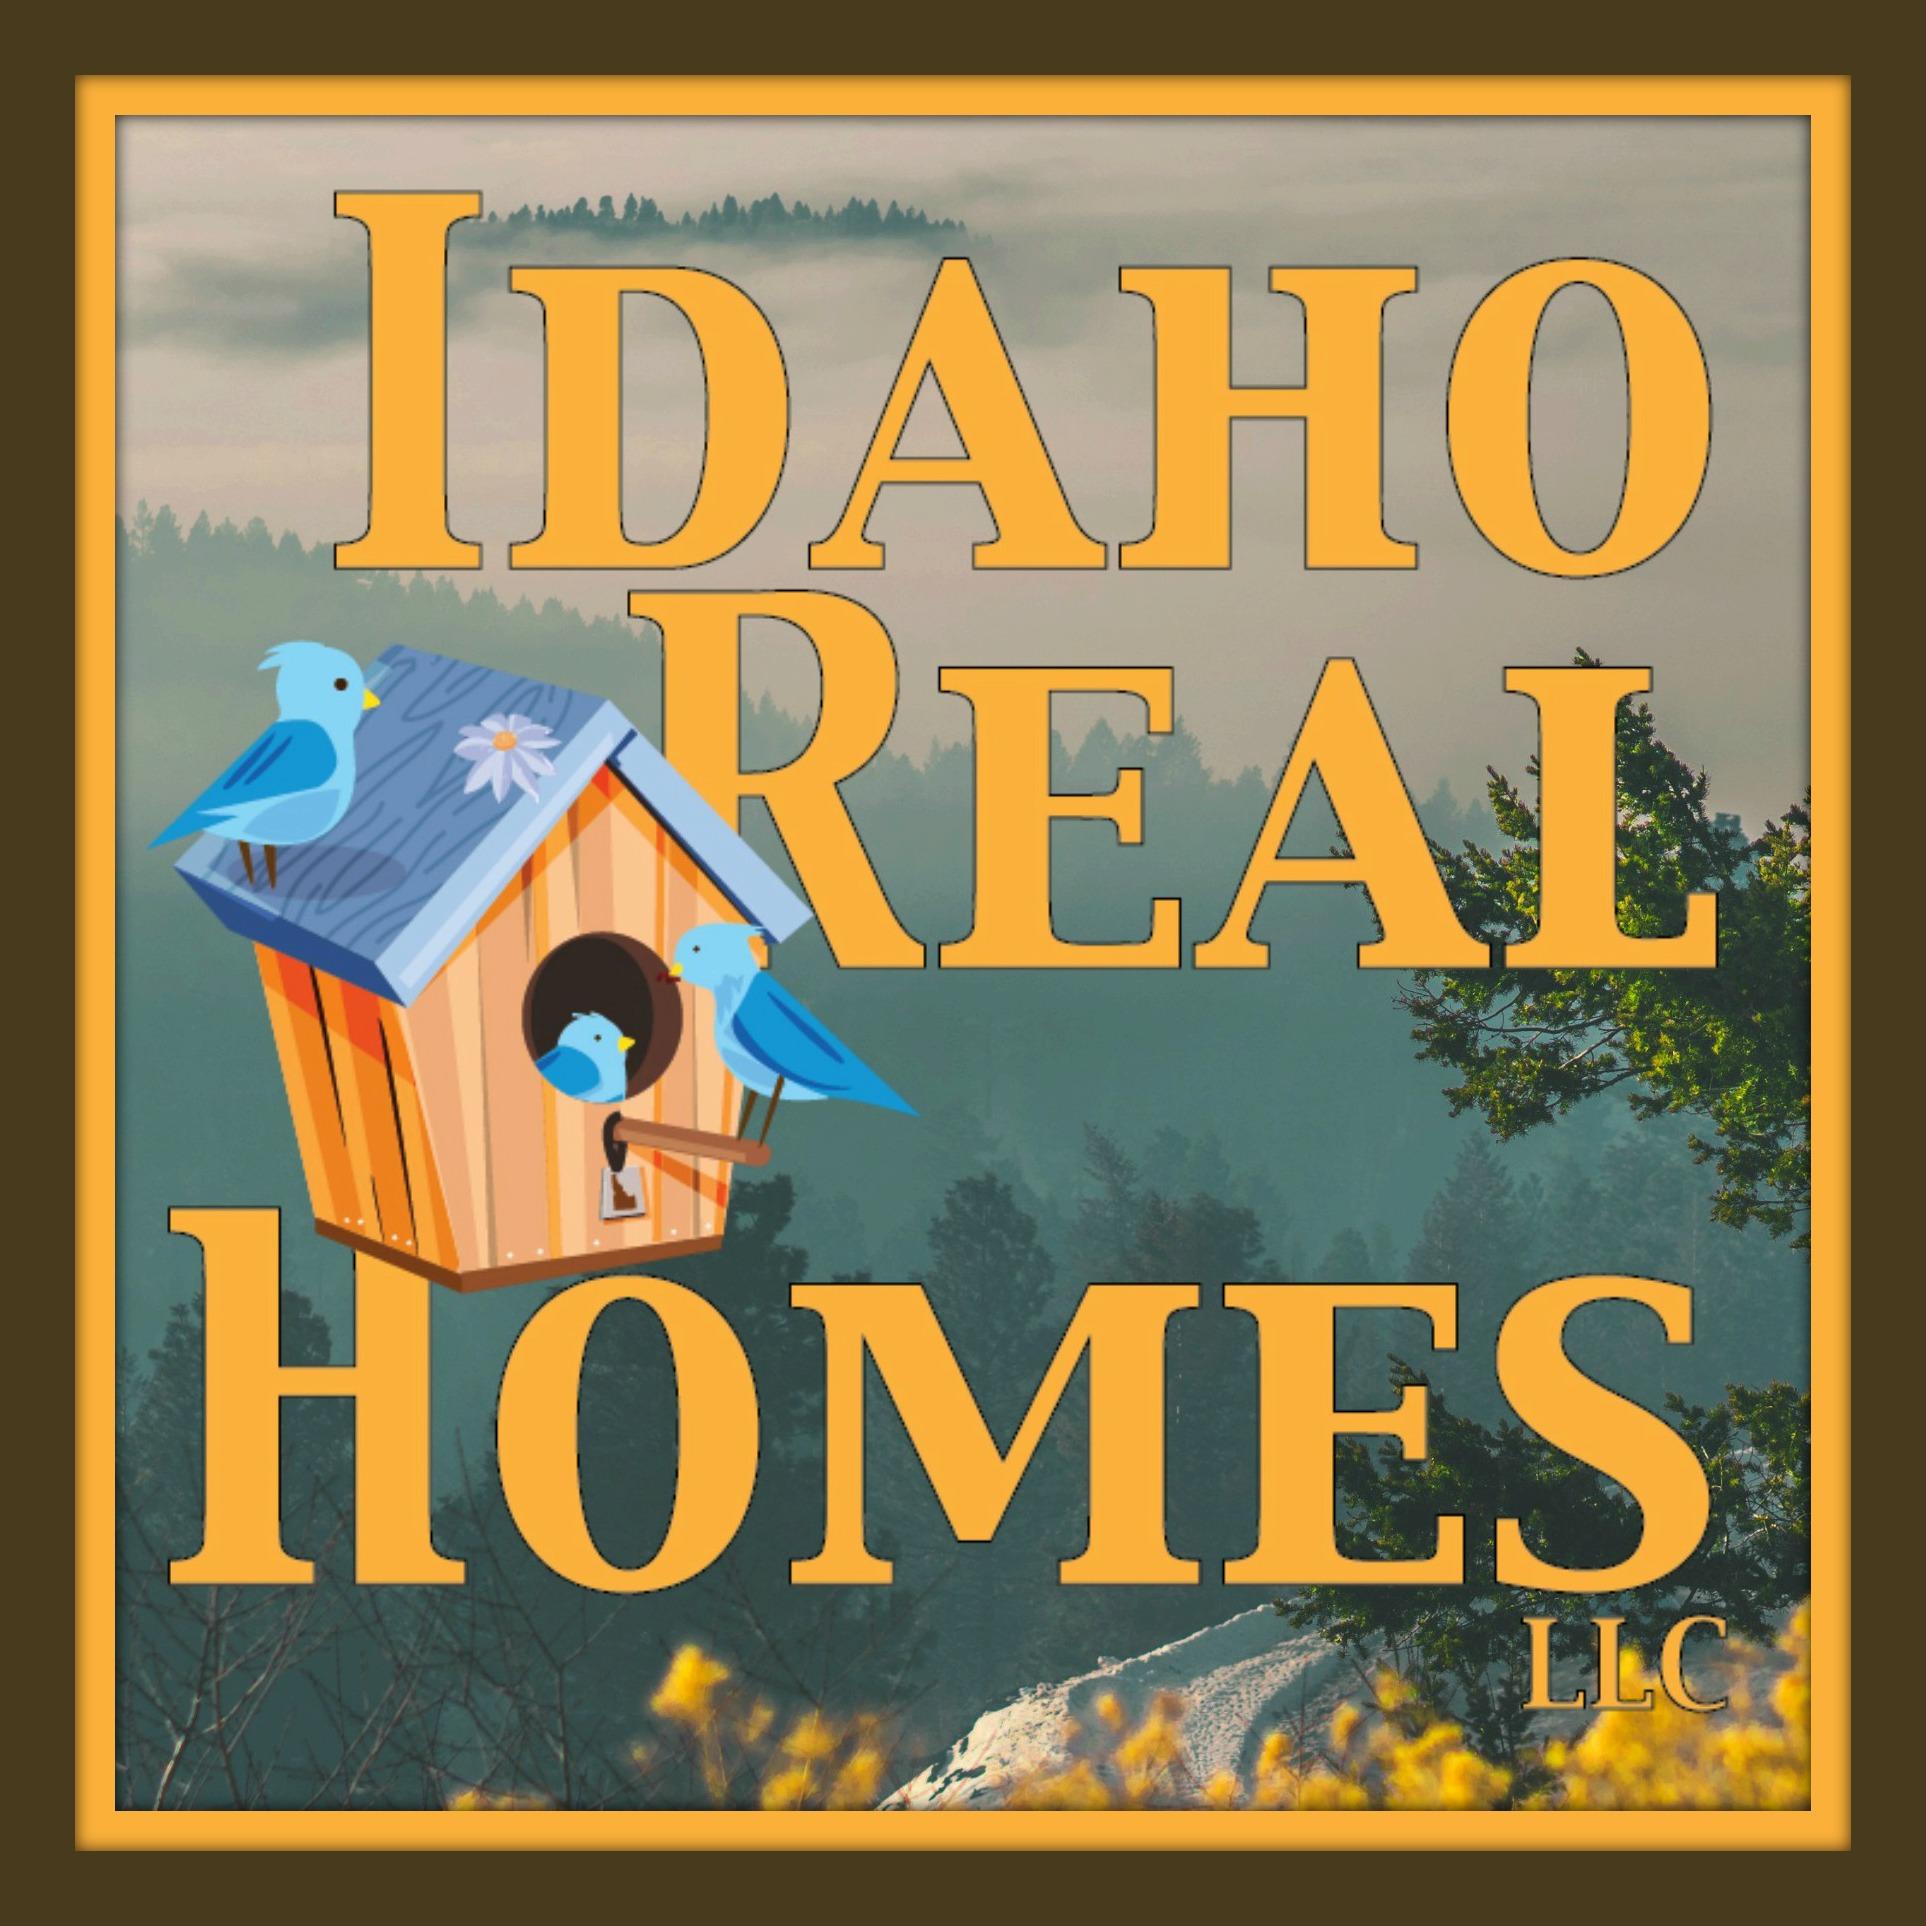 Idaho Real Homes LLC 1315 W Biztown Loop, Hayden, Id 83835. 208-719-9010